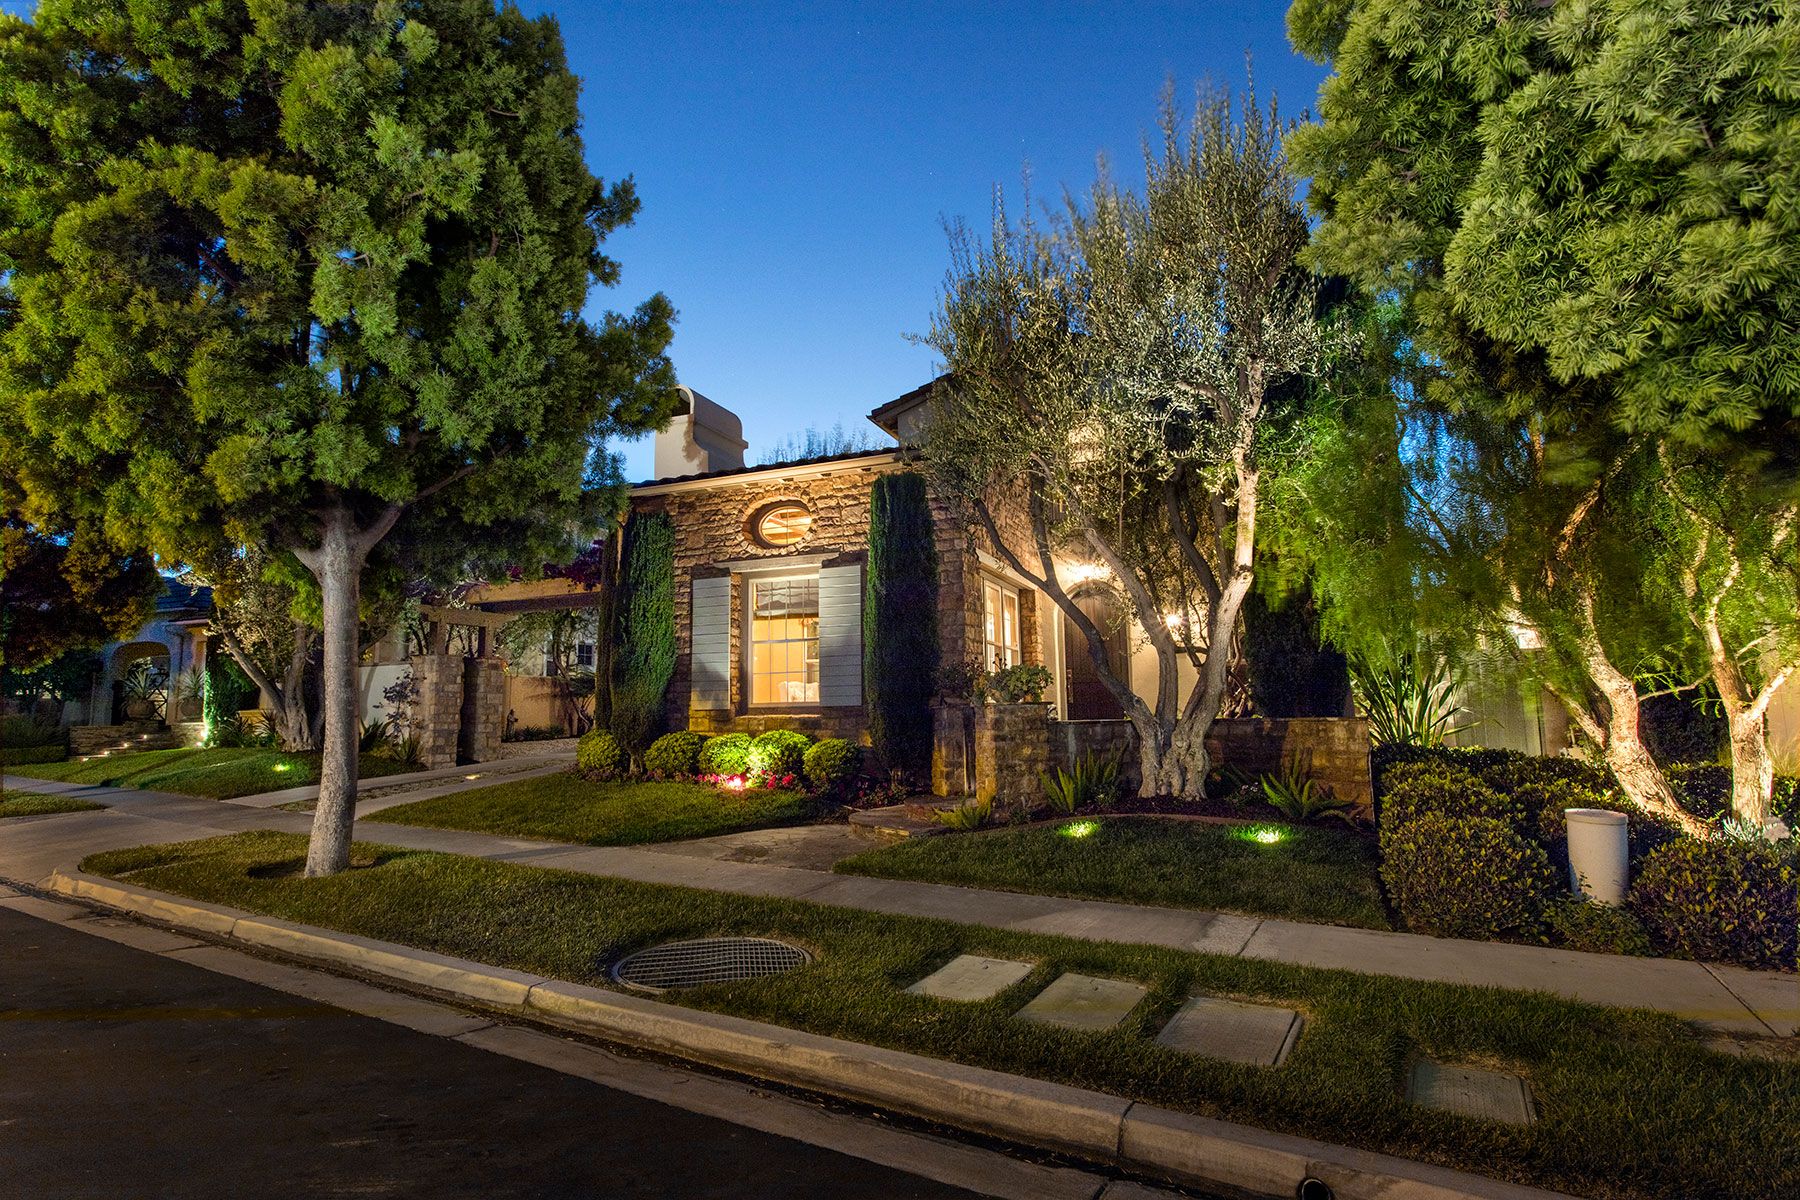 Частный односемейный дом для того Продажа на 17 Ferrand Newport Coast, Калифорния, 92657 Соединенные Штаты